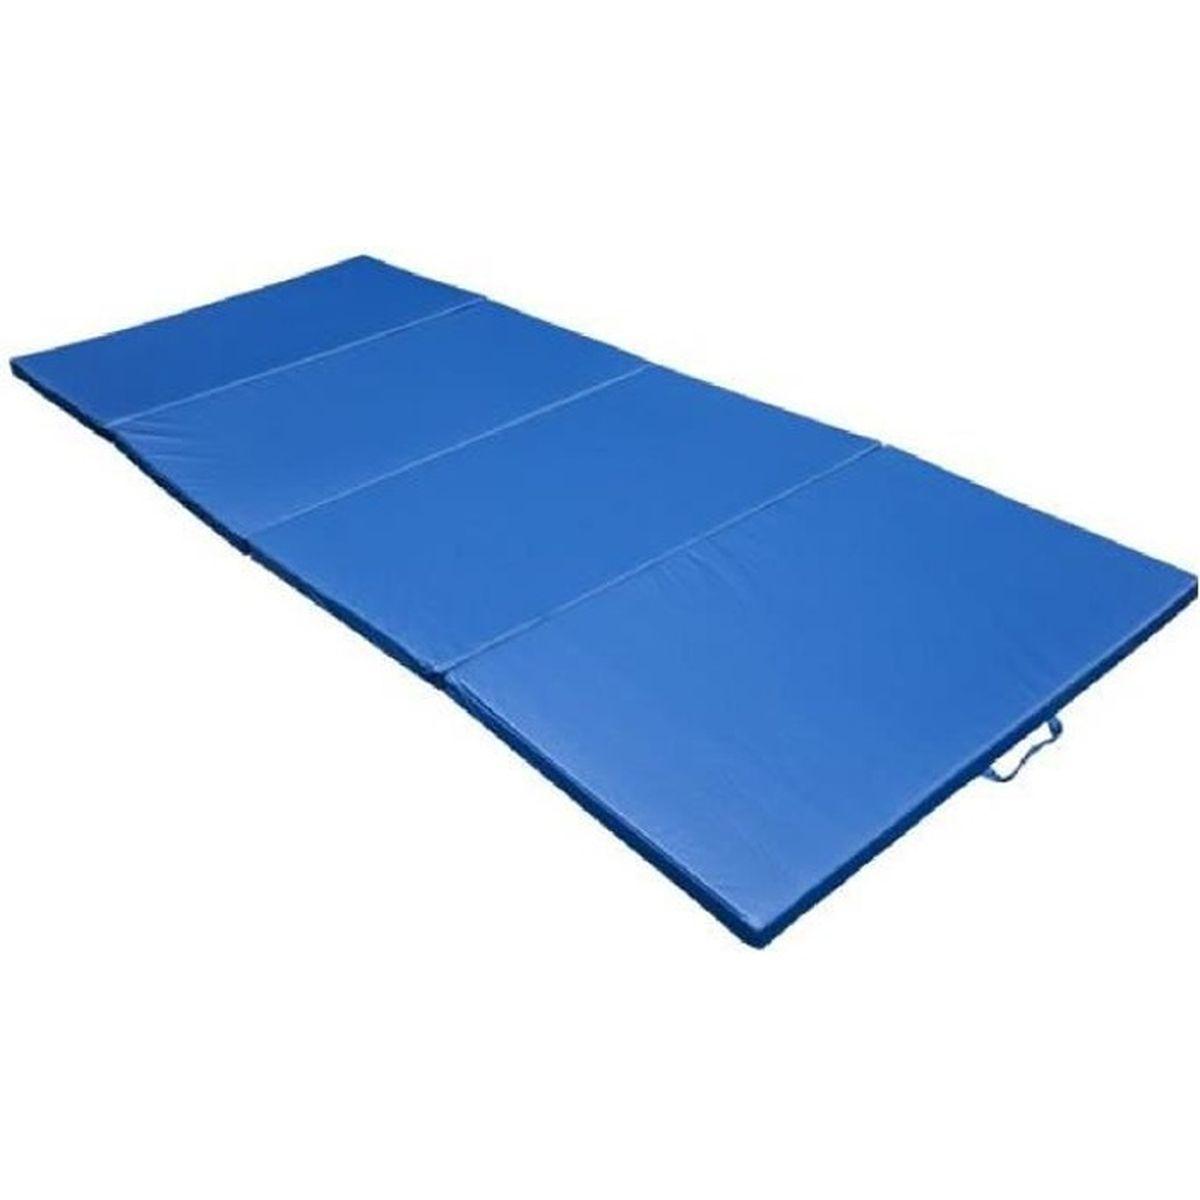 Tapis de sol gymnastique natte de gym matelas fitness pliable